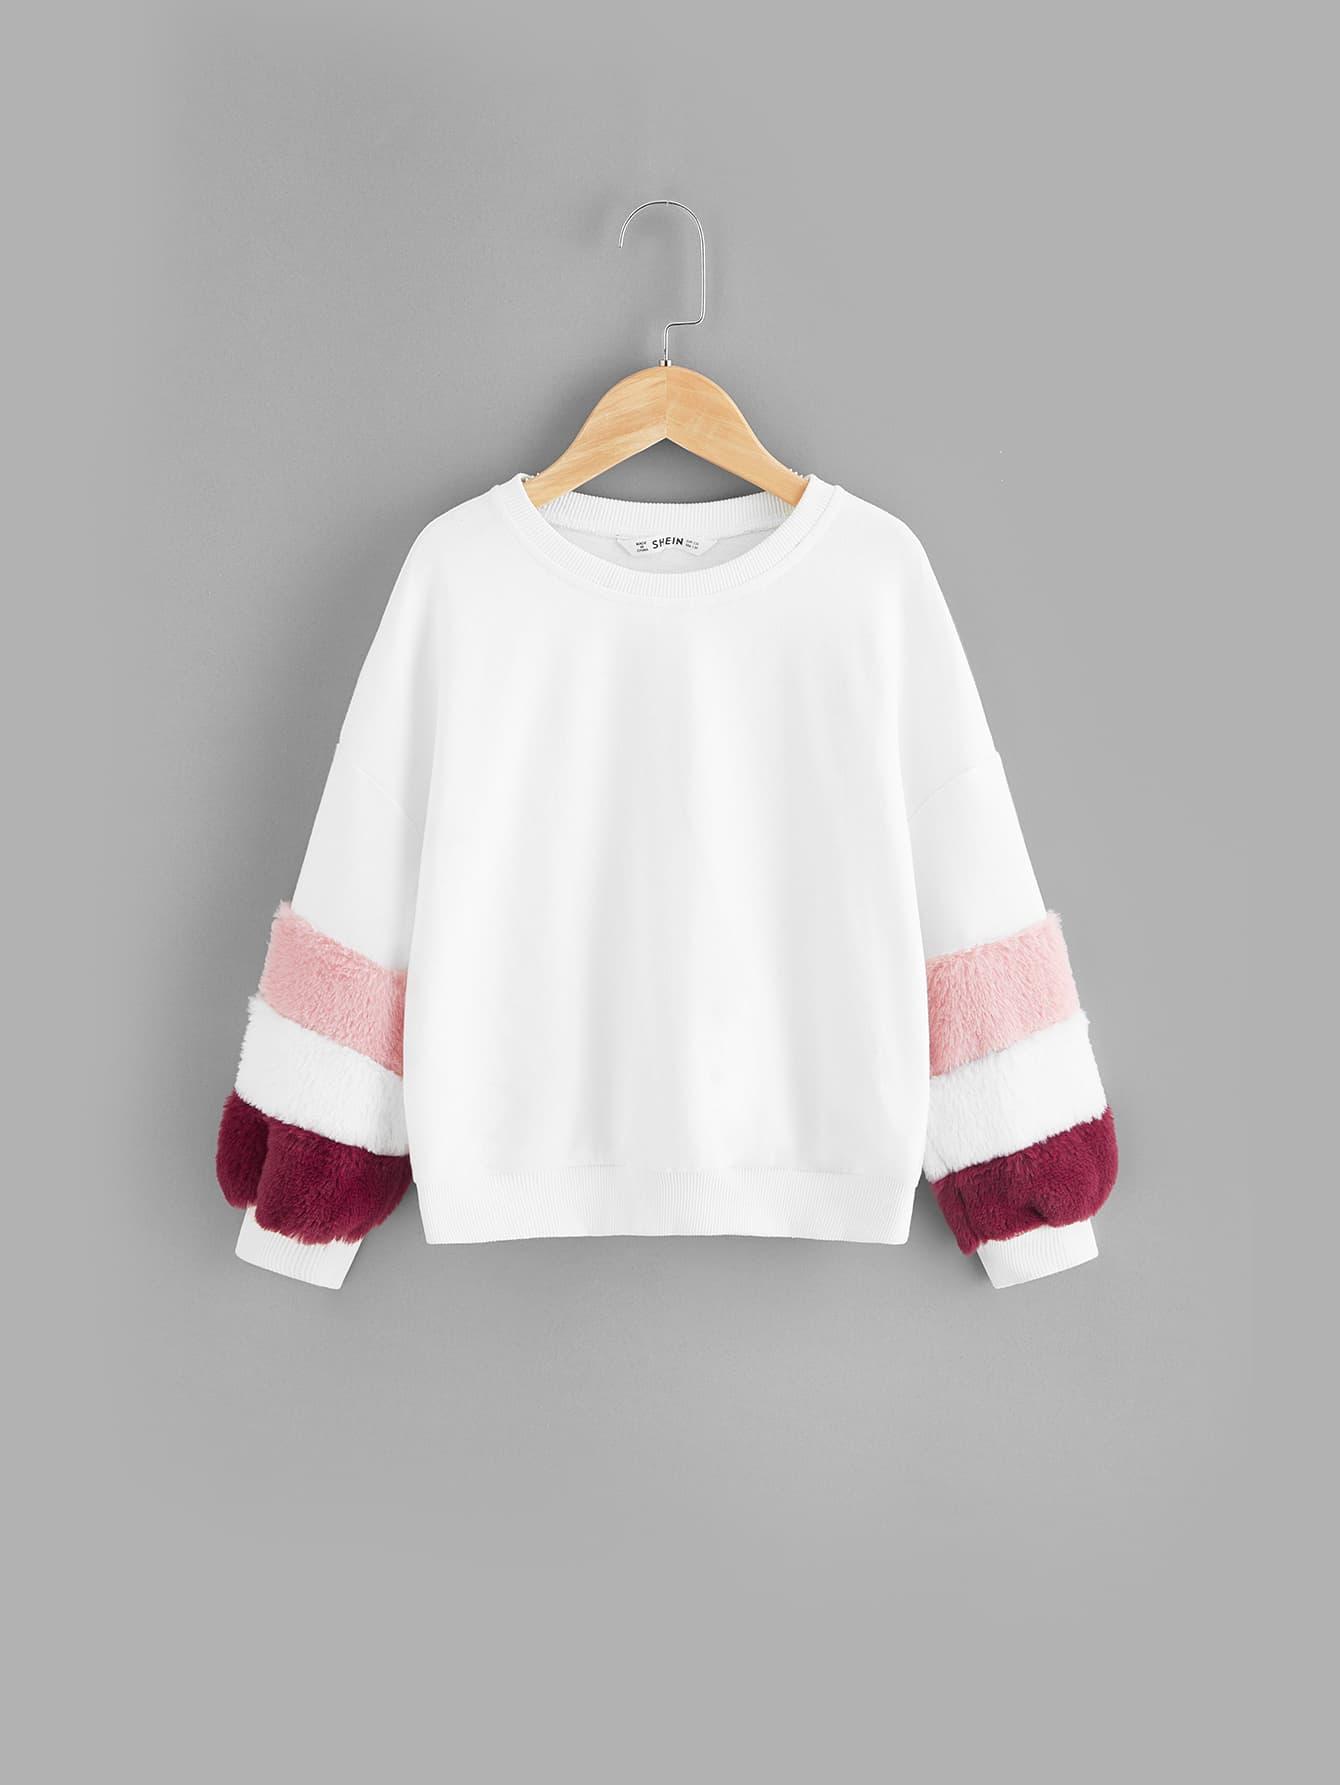 Купить Контрастный пуловер с заниженной линией плеч и рукавом искусственного меха для девочек, null, SheIn